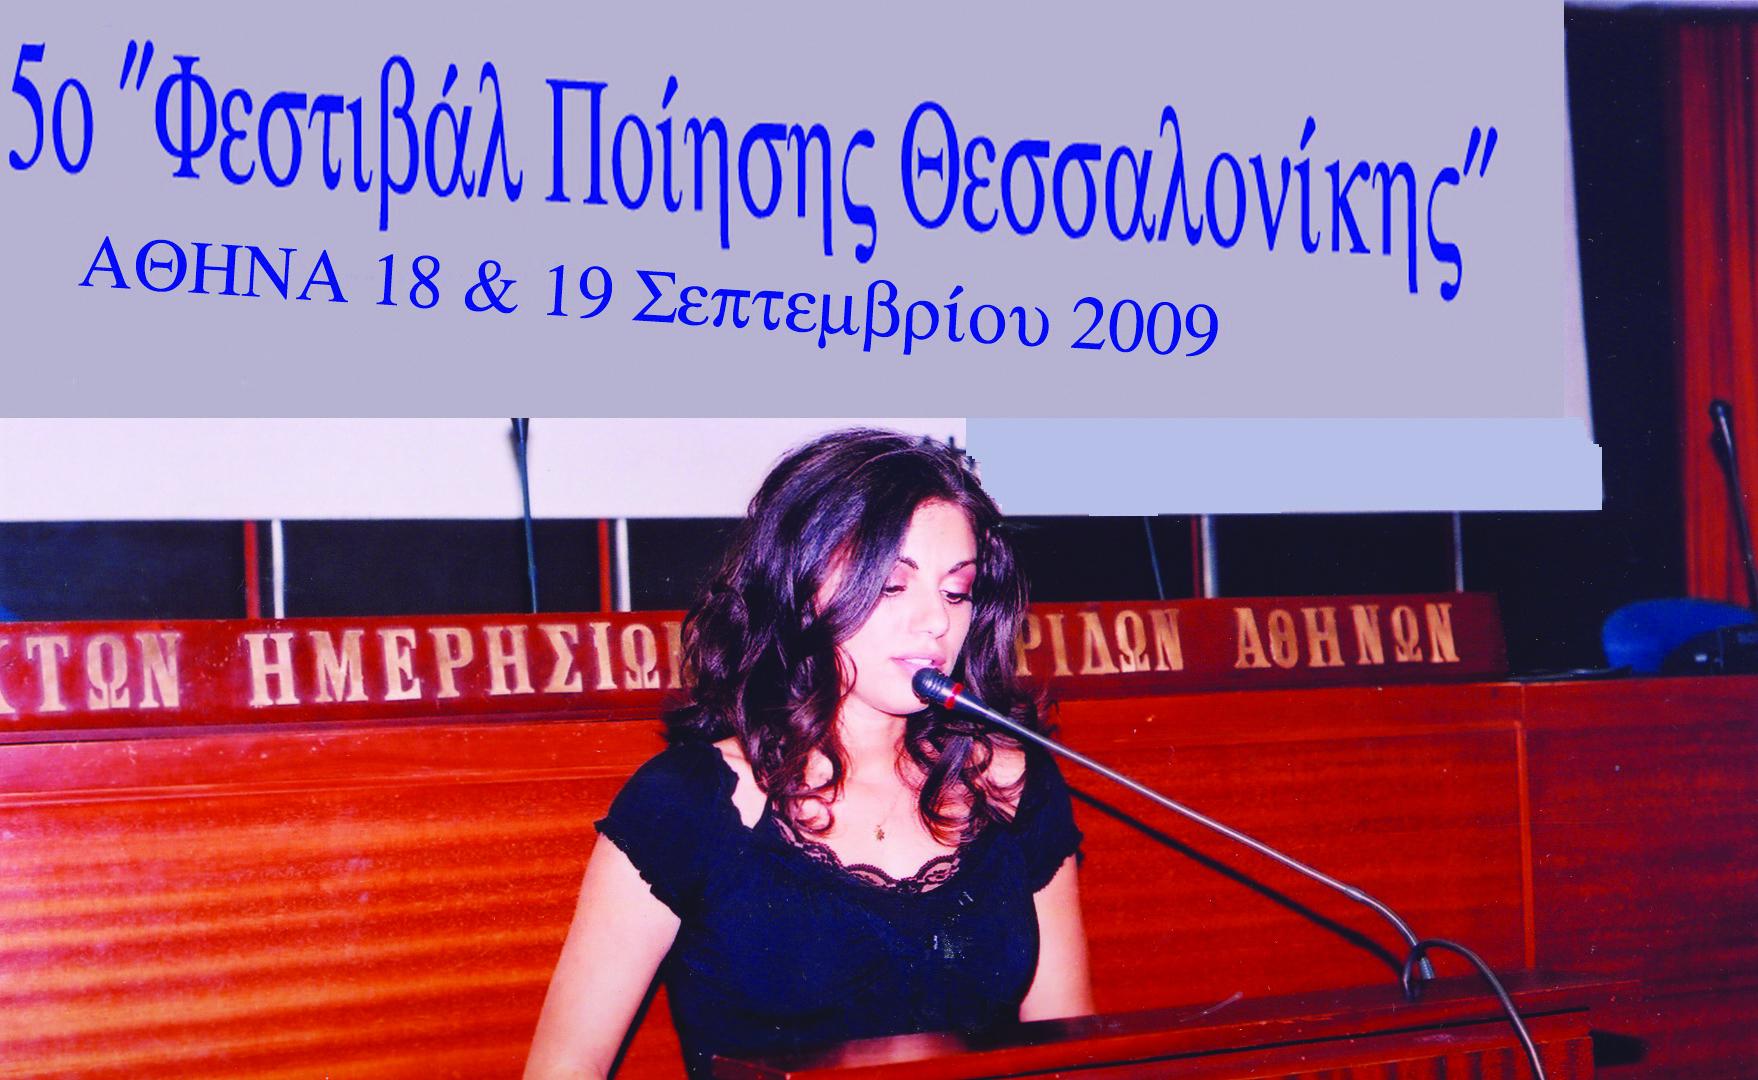 5ο «Φεστιβάλ Ποίησης Θεσσαλονίκης», 17 - 20 Σεπτεμβρίου 2009